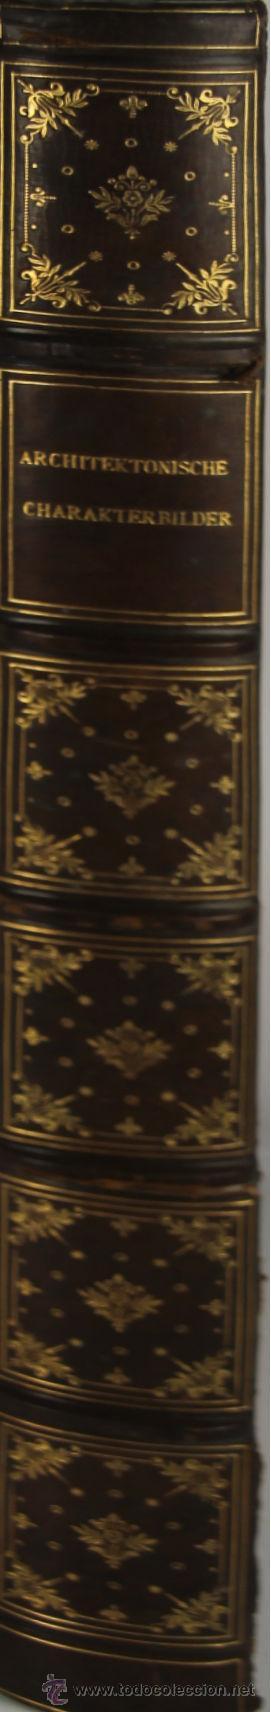 Libros antiguos: 4579. ARCHITEKTONISCHE CHARAKTERBILDER. HERAUSGEGEBEN VON BRUNO. EDIT. CARL EBNER. 1900. - Foto 9 - 42321844